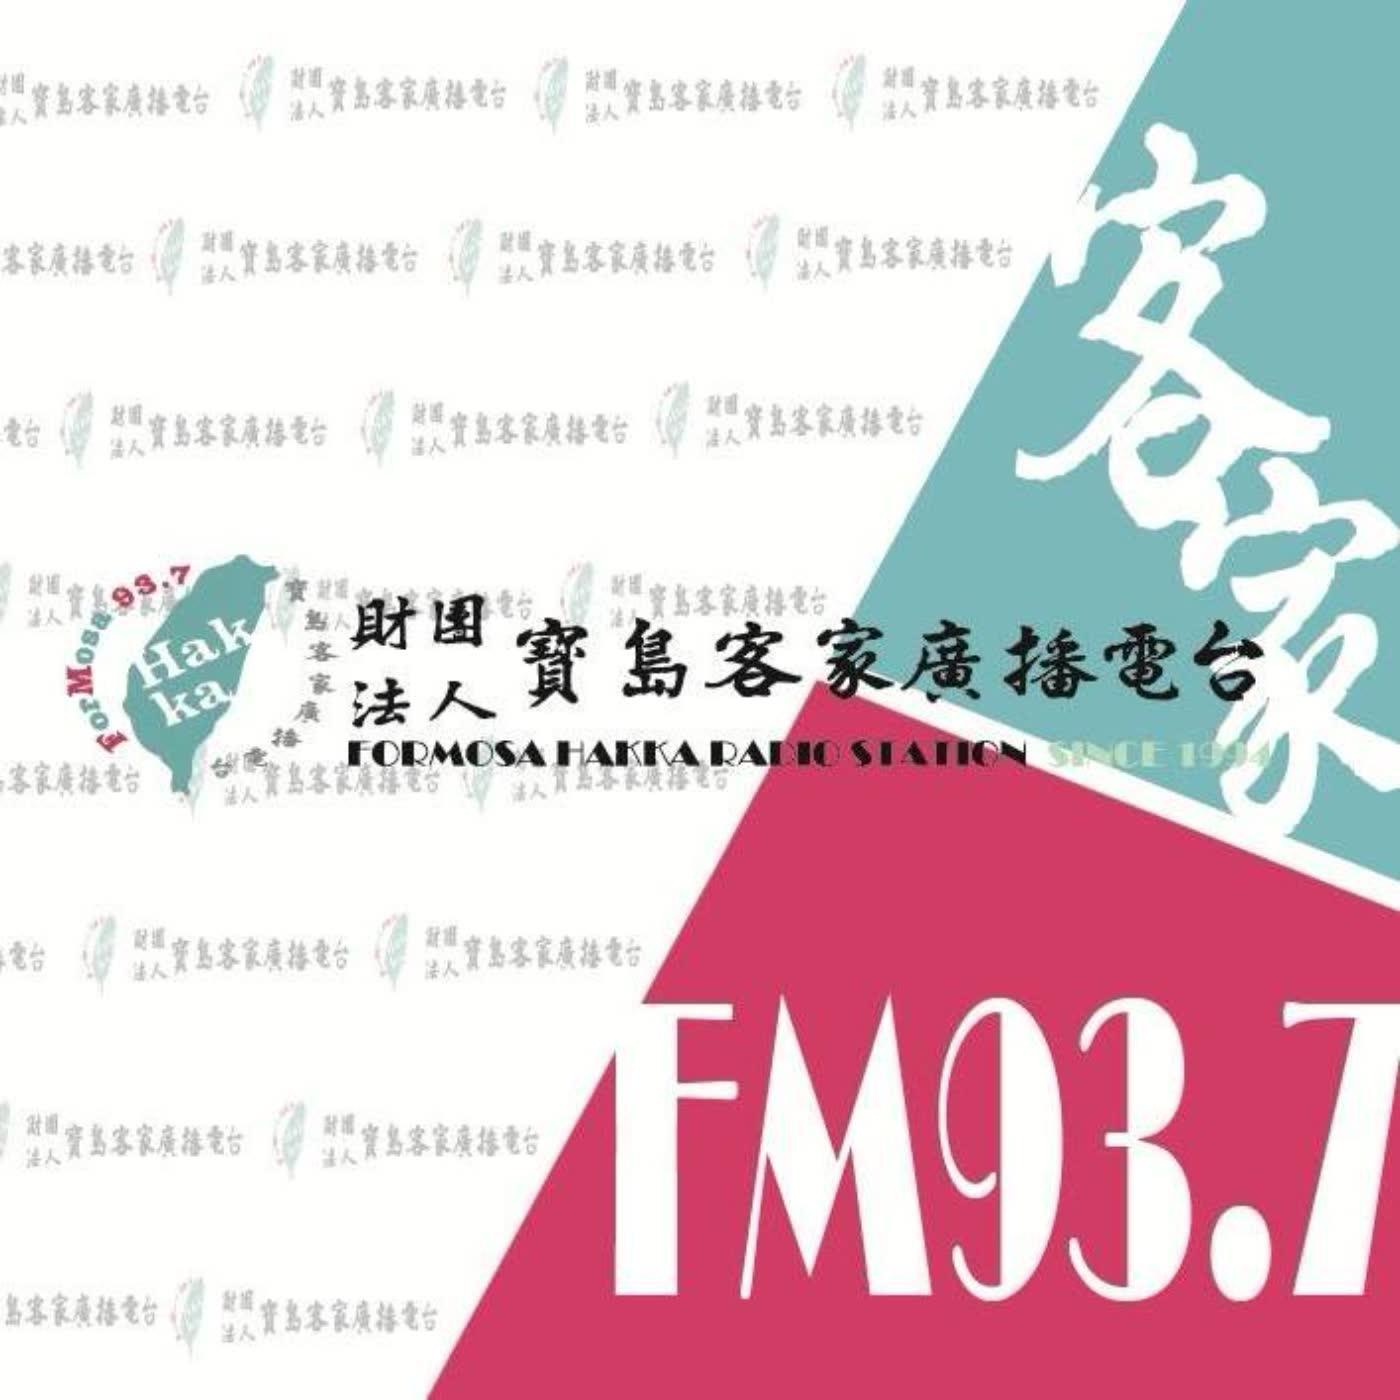 寶島客家廣播電台